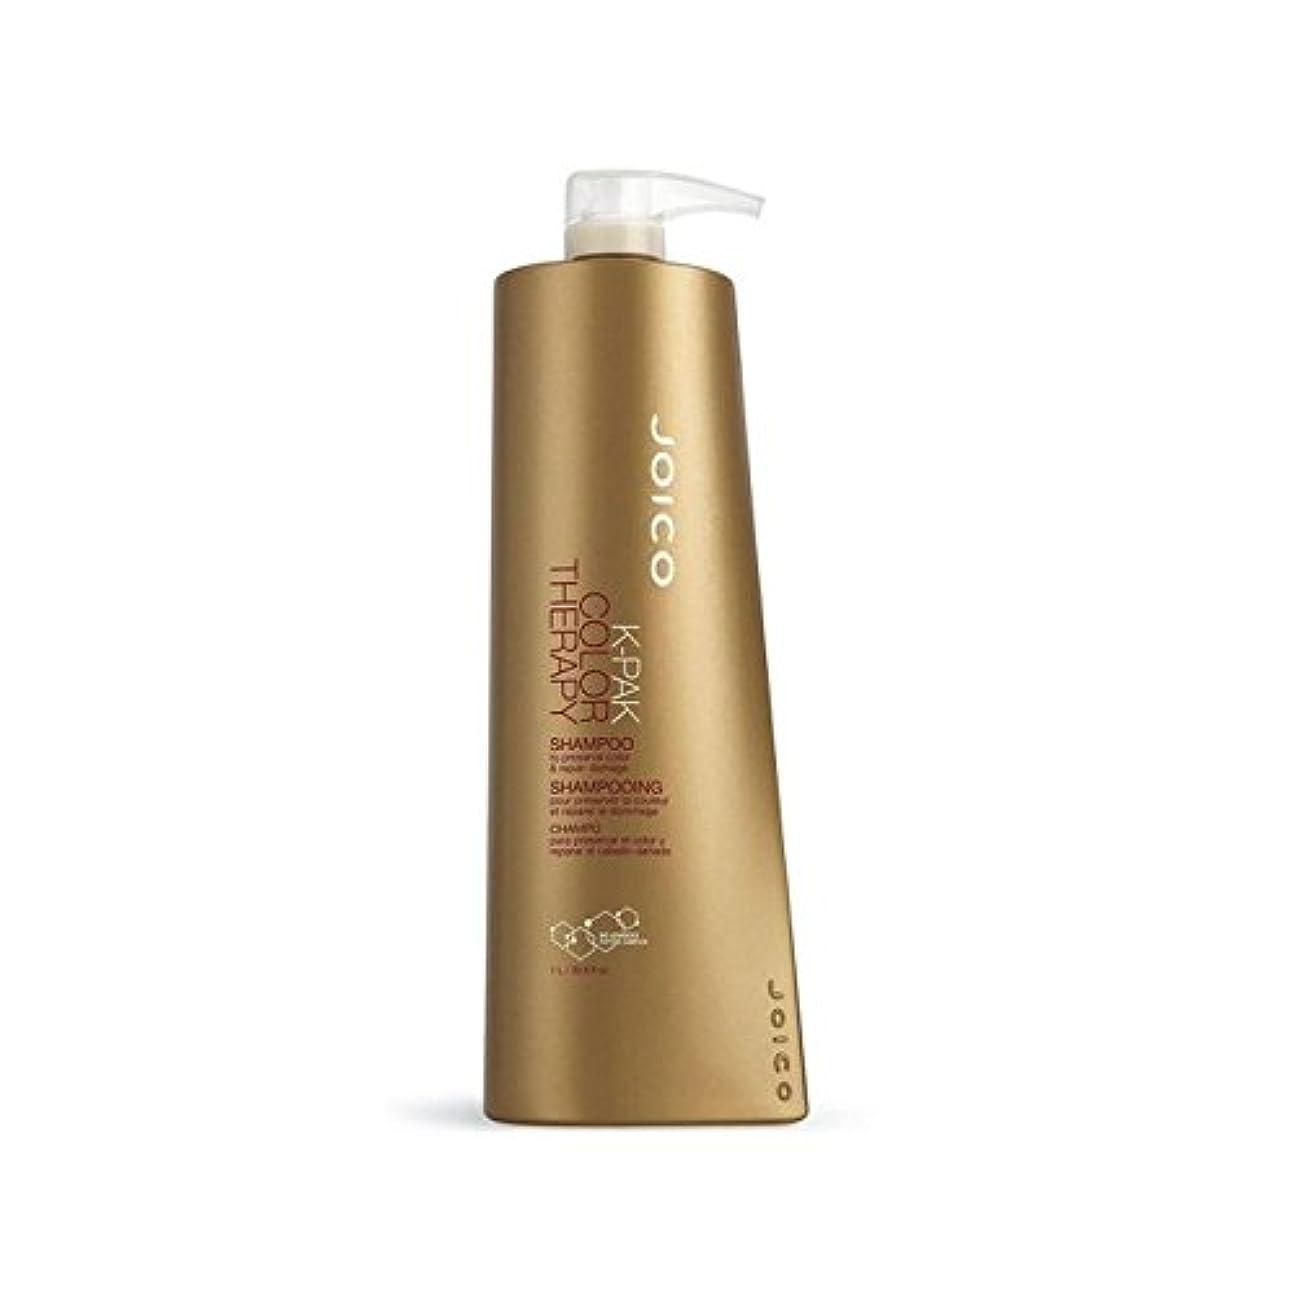 防止ゆり慣らすジョイコ-のカラーセラピーシャンプー(千ミリリットル) x4 - Joico K-Pak Color Therapy Shampoo (1000ml) (Pack of 4) [並行輸入品]